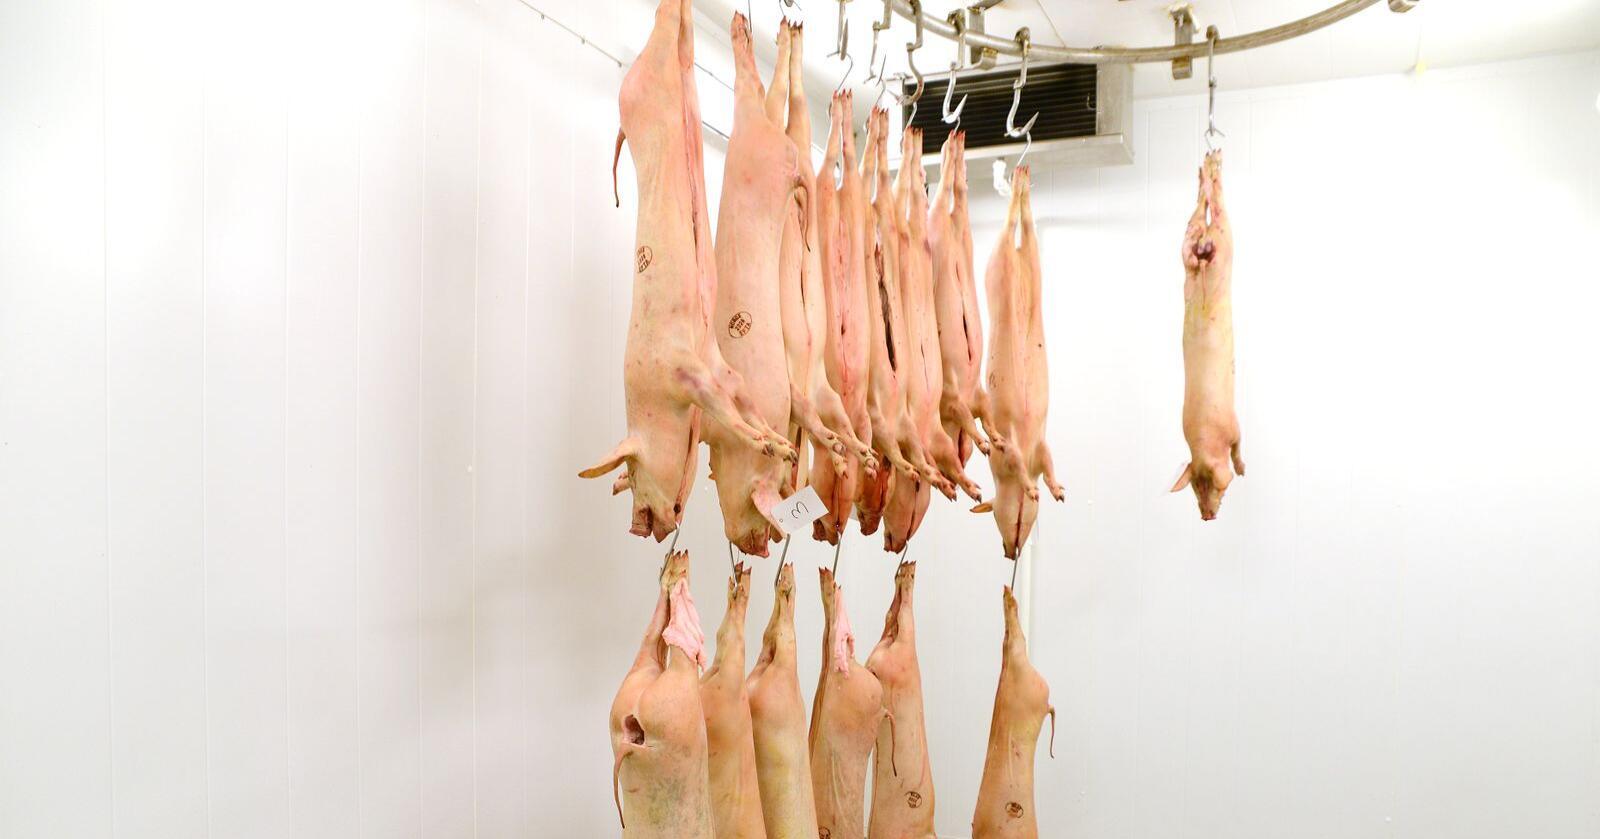 Amerikanerne frykter nå at trenden med stengte slakterier, kan føre til at de må eksportere mer kjøtt. Bildet er tatt på Det lille slakteriet på Lillehammer. Foto: Mariann Tvete